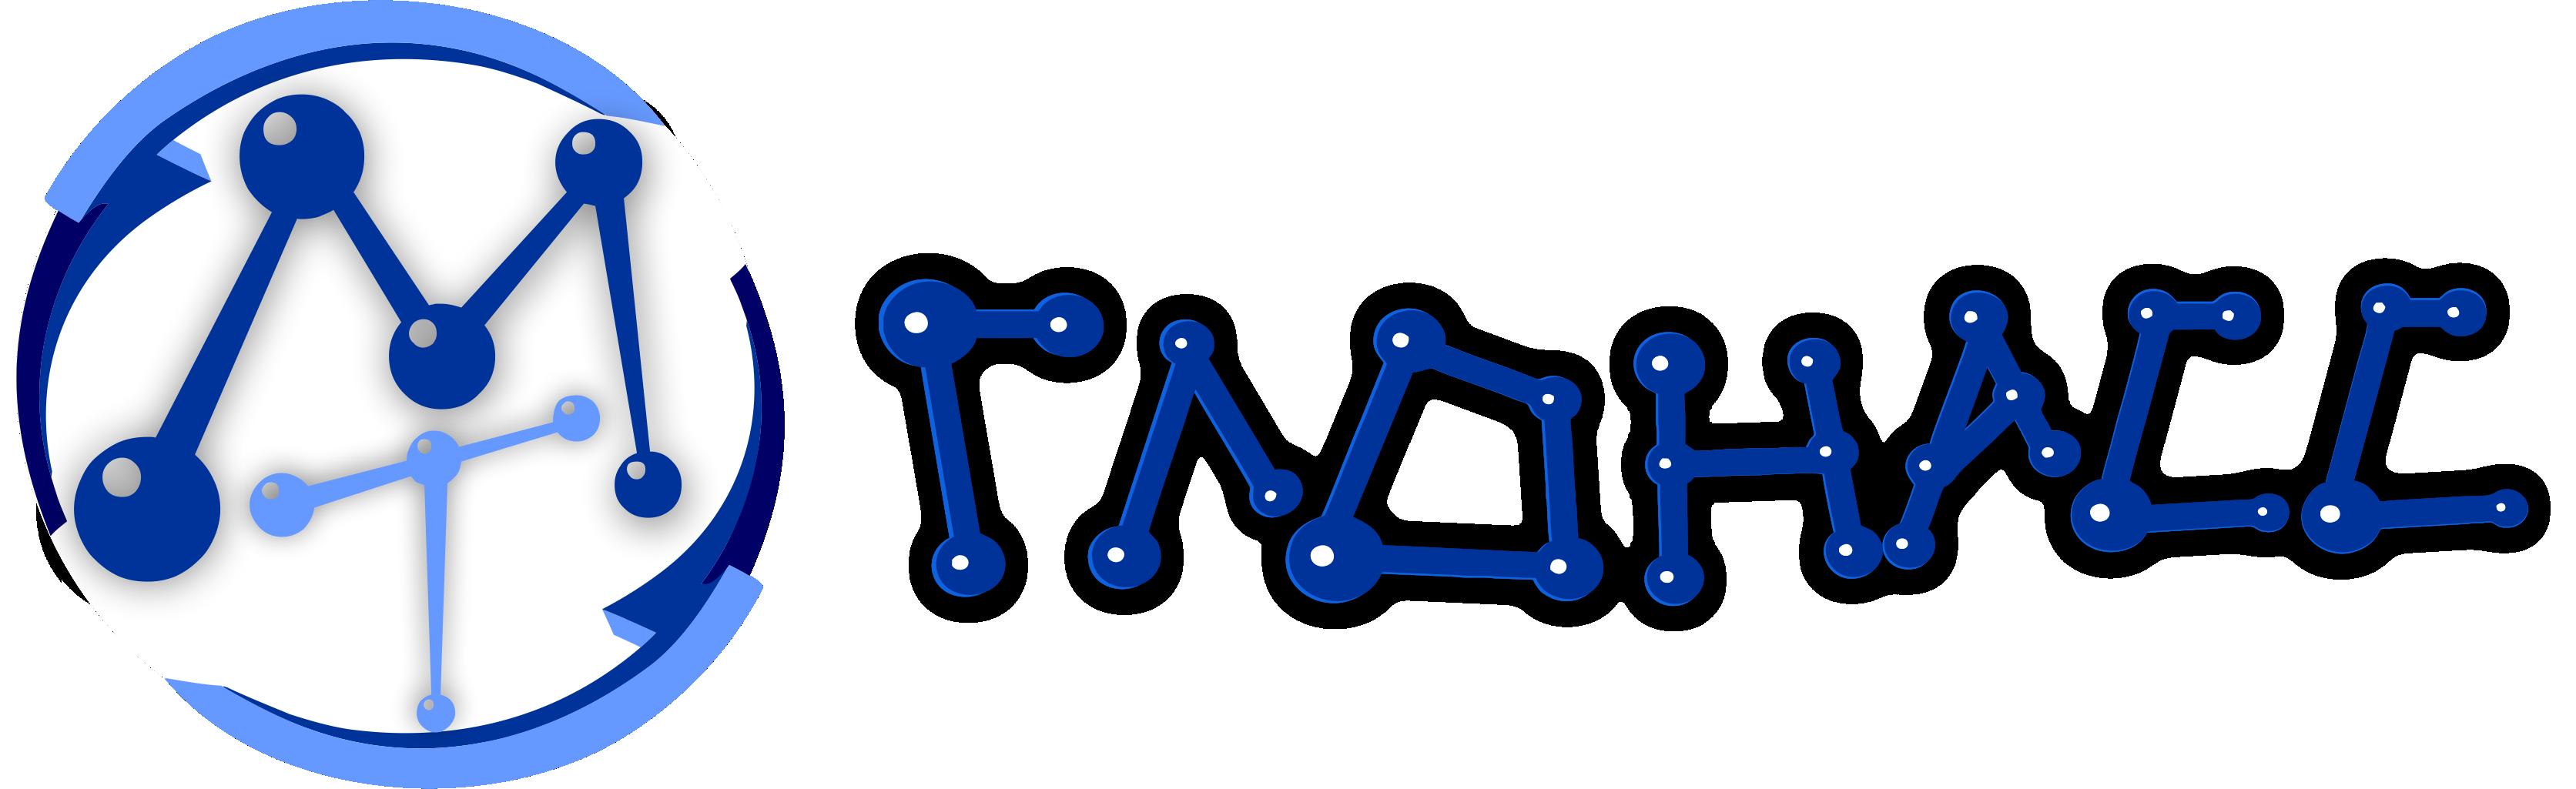 Разработка логотипа фото f_096597b53dd0cf6d.png